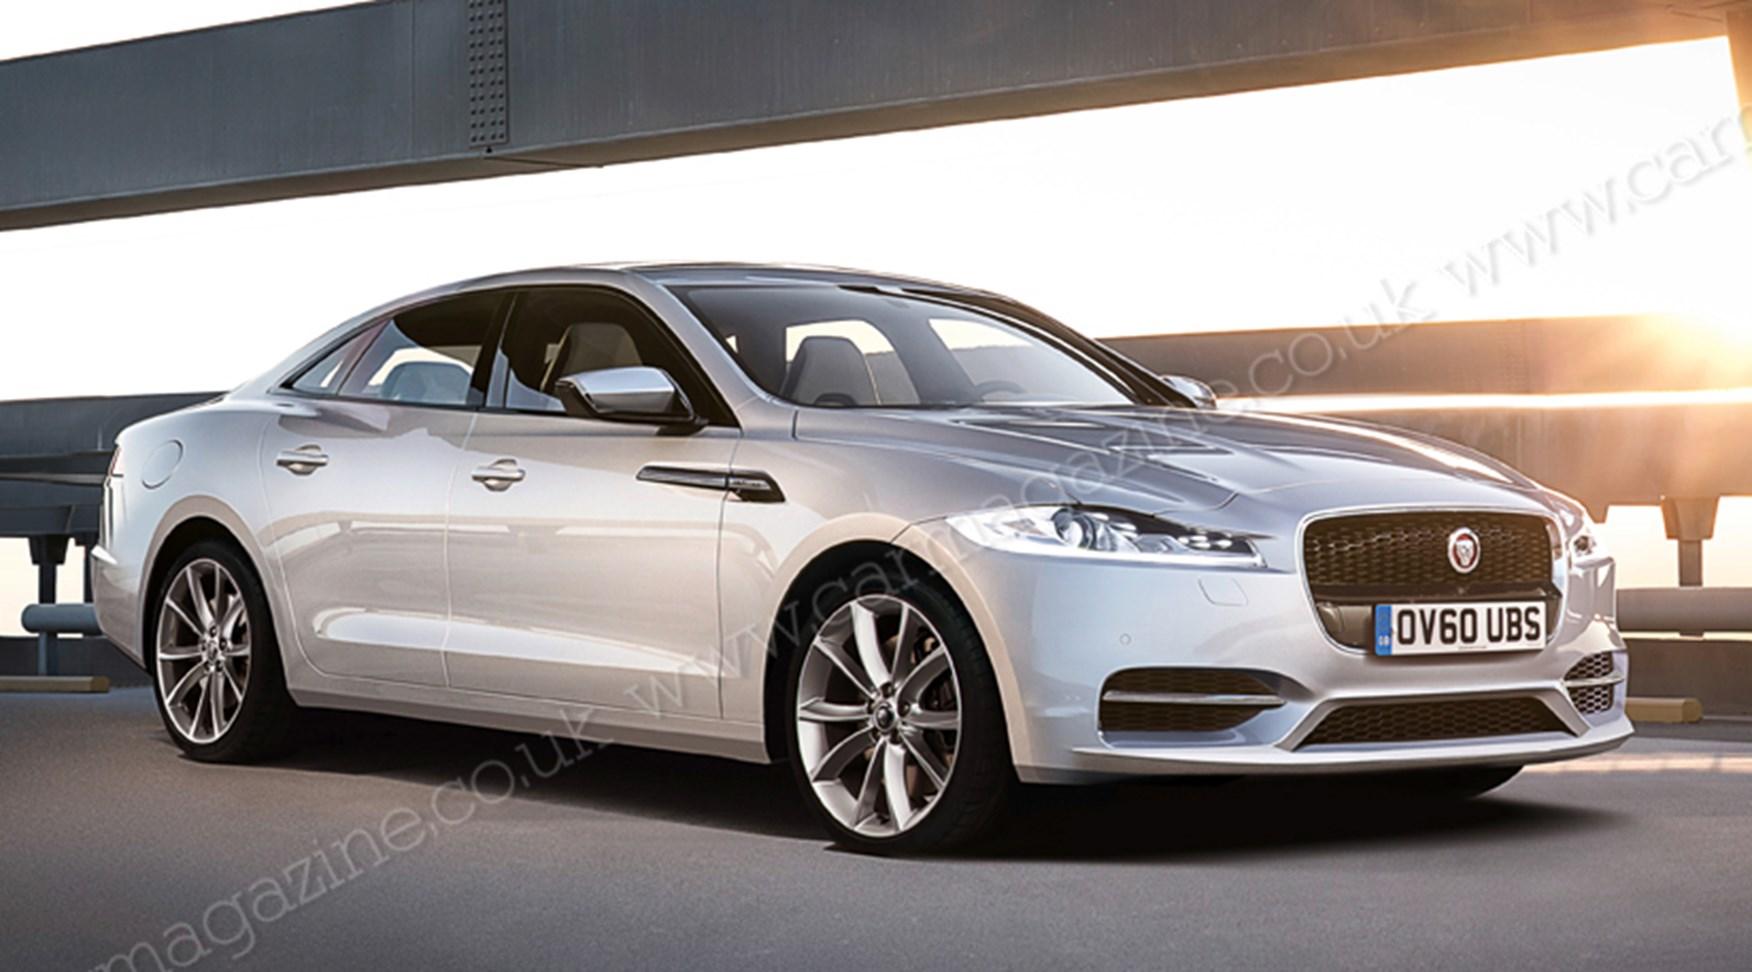 Jaguar Xk Replacement 2017 >> Jaguar's next five cars in five years (2014) CAR scoop | CAR Magazine